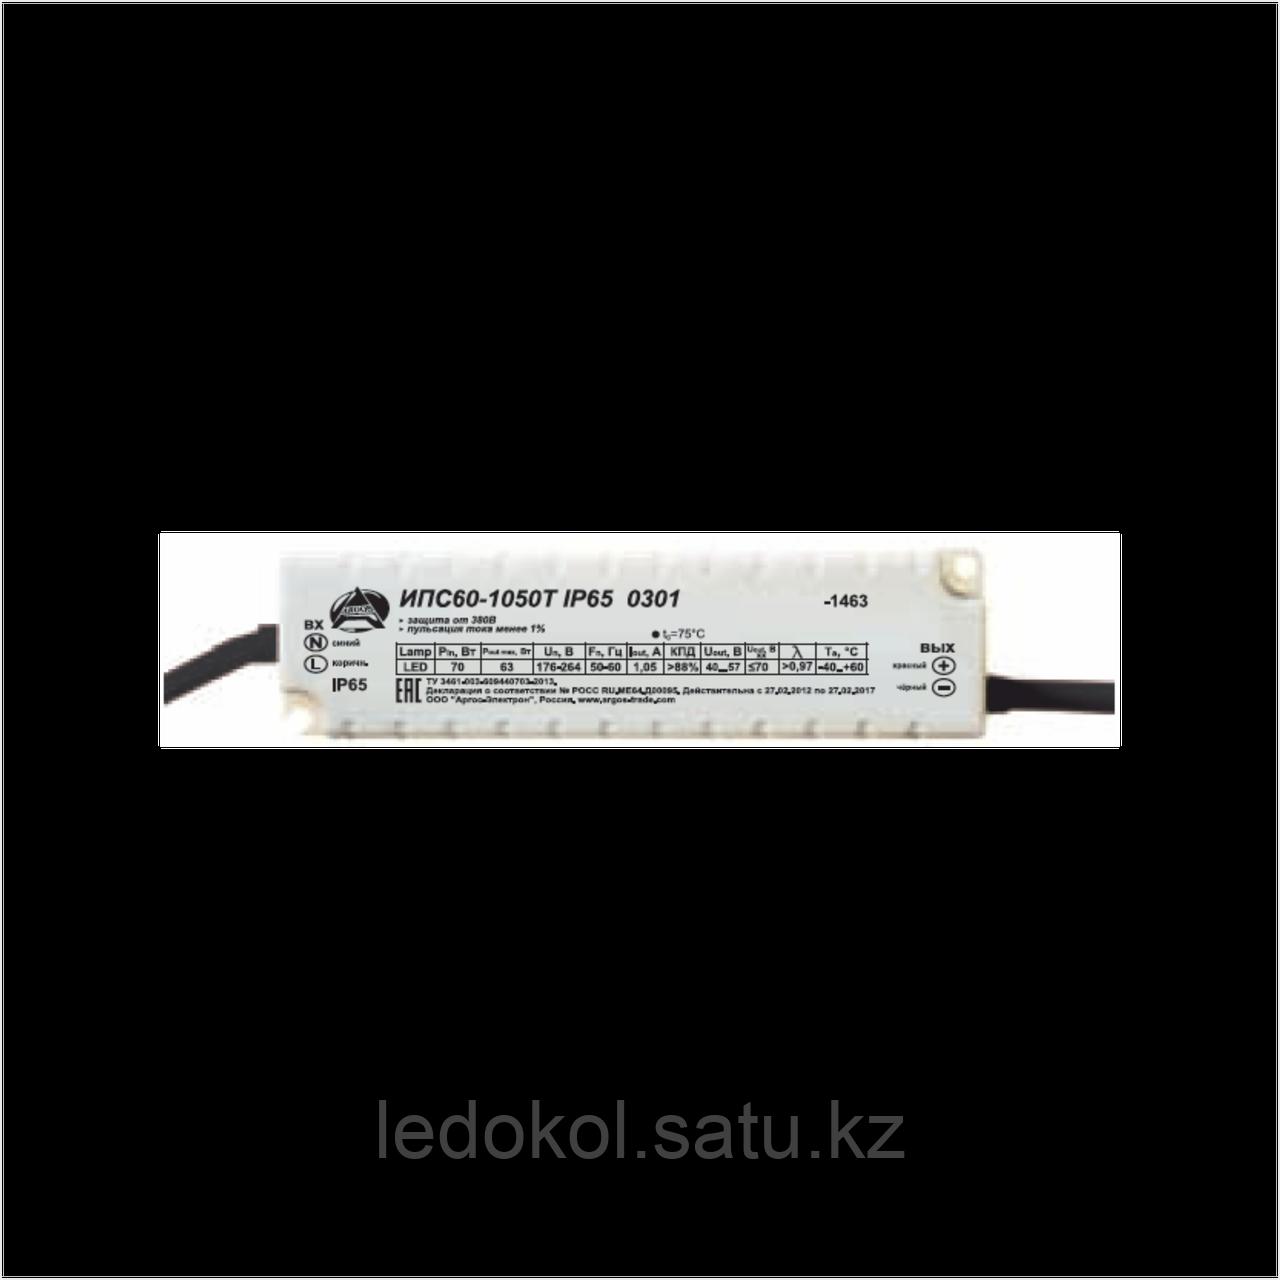 Источник питания Аргос ИПС60-1050Т IP67 0305